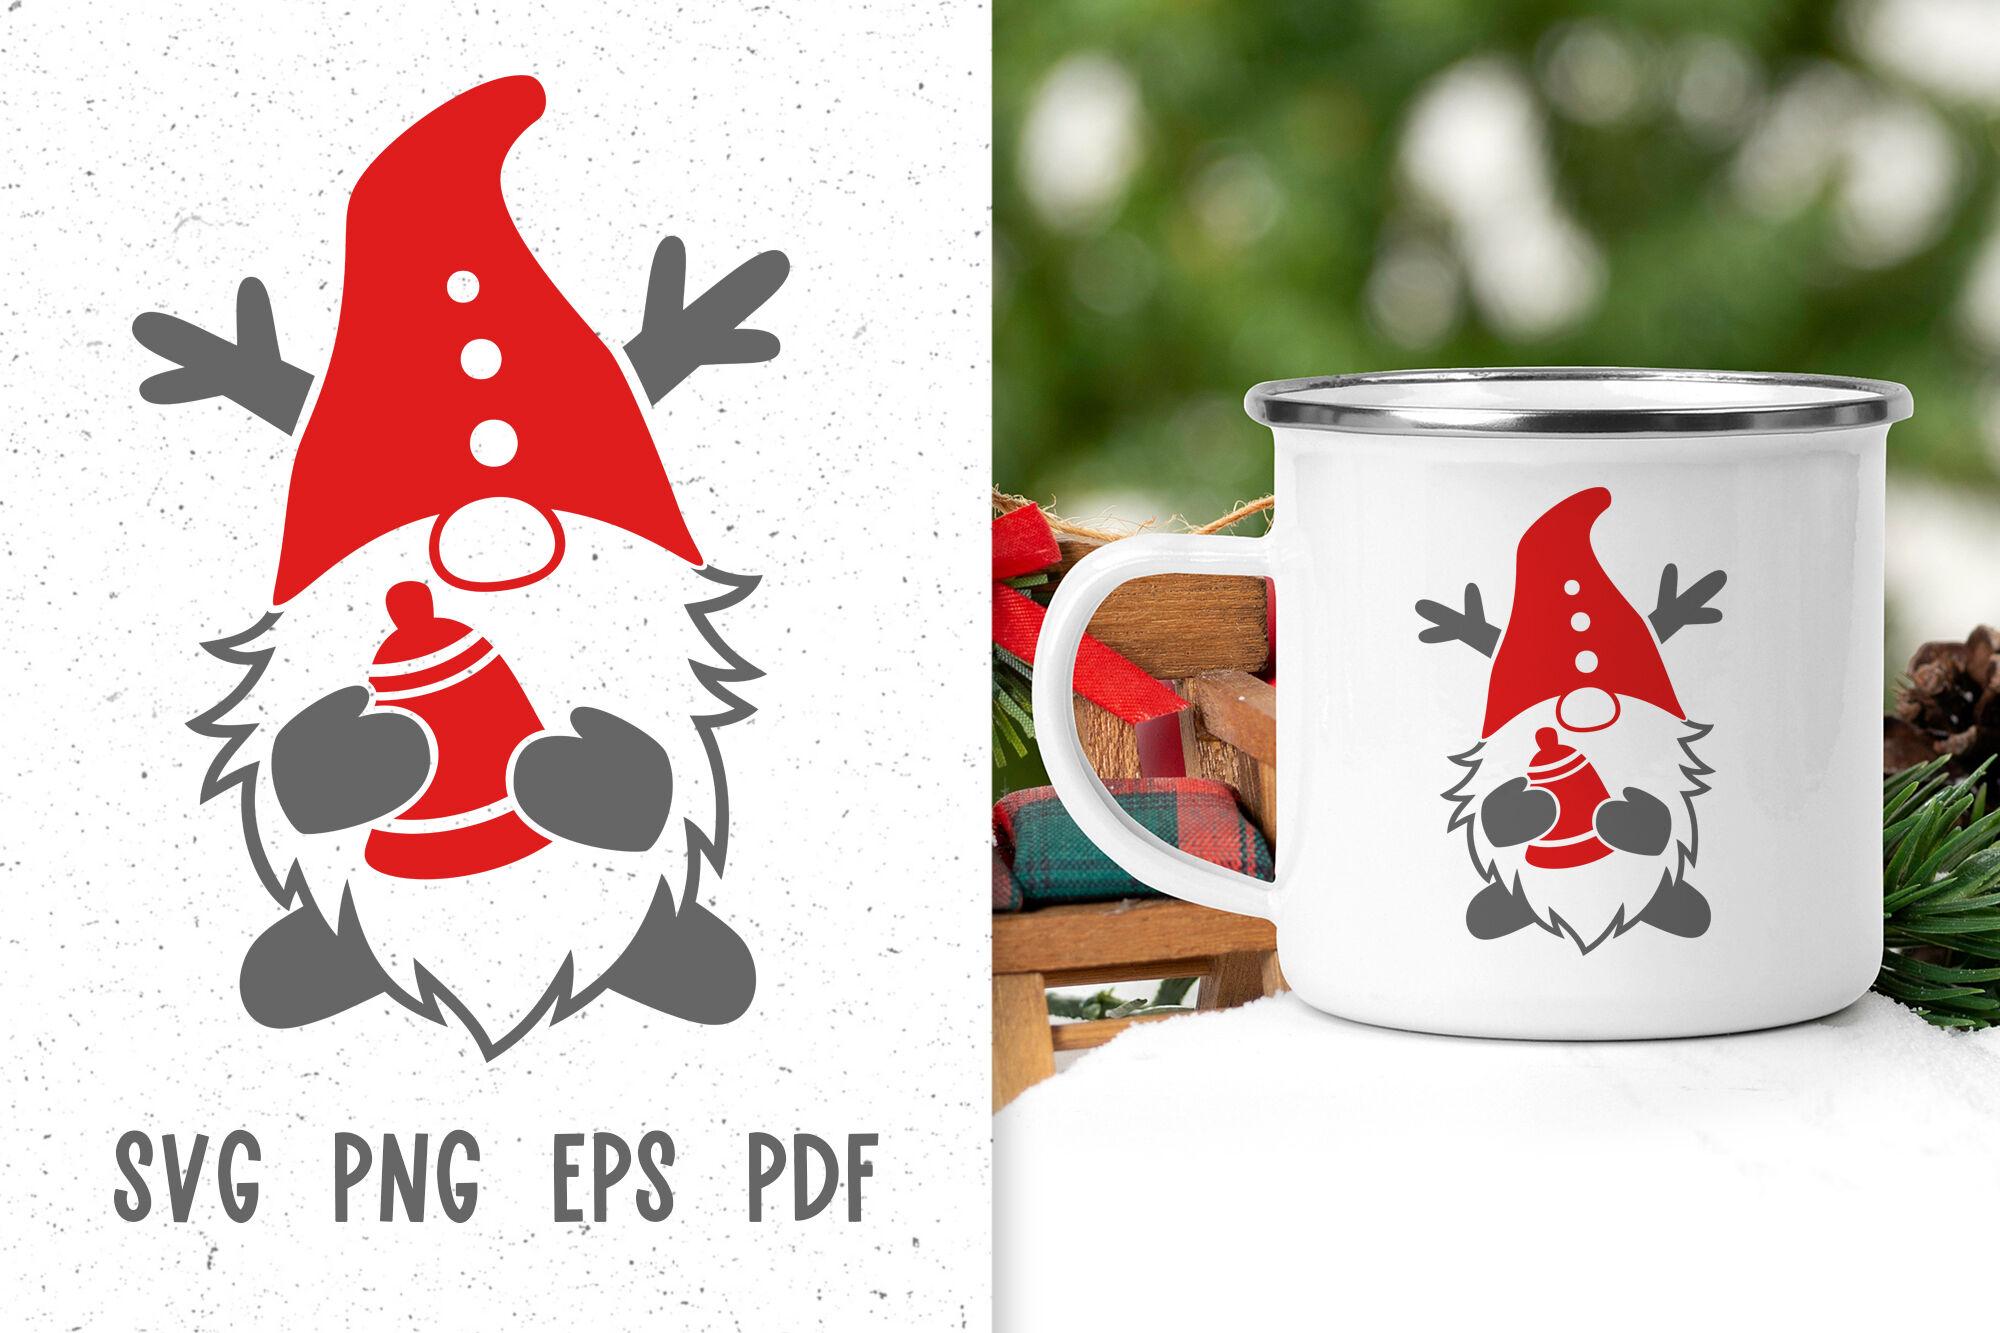 Christmas Gnome Svg Files For Cricut Christmas Mug Design Winter Gnome By Green Wolf Art Thehungryjpeg Com